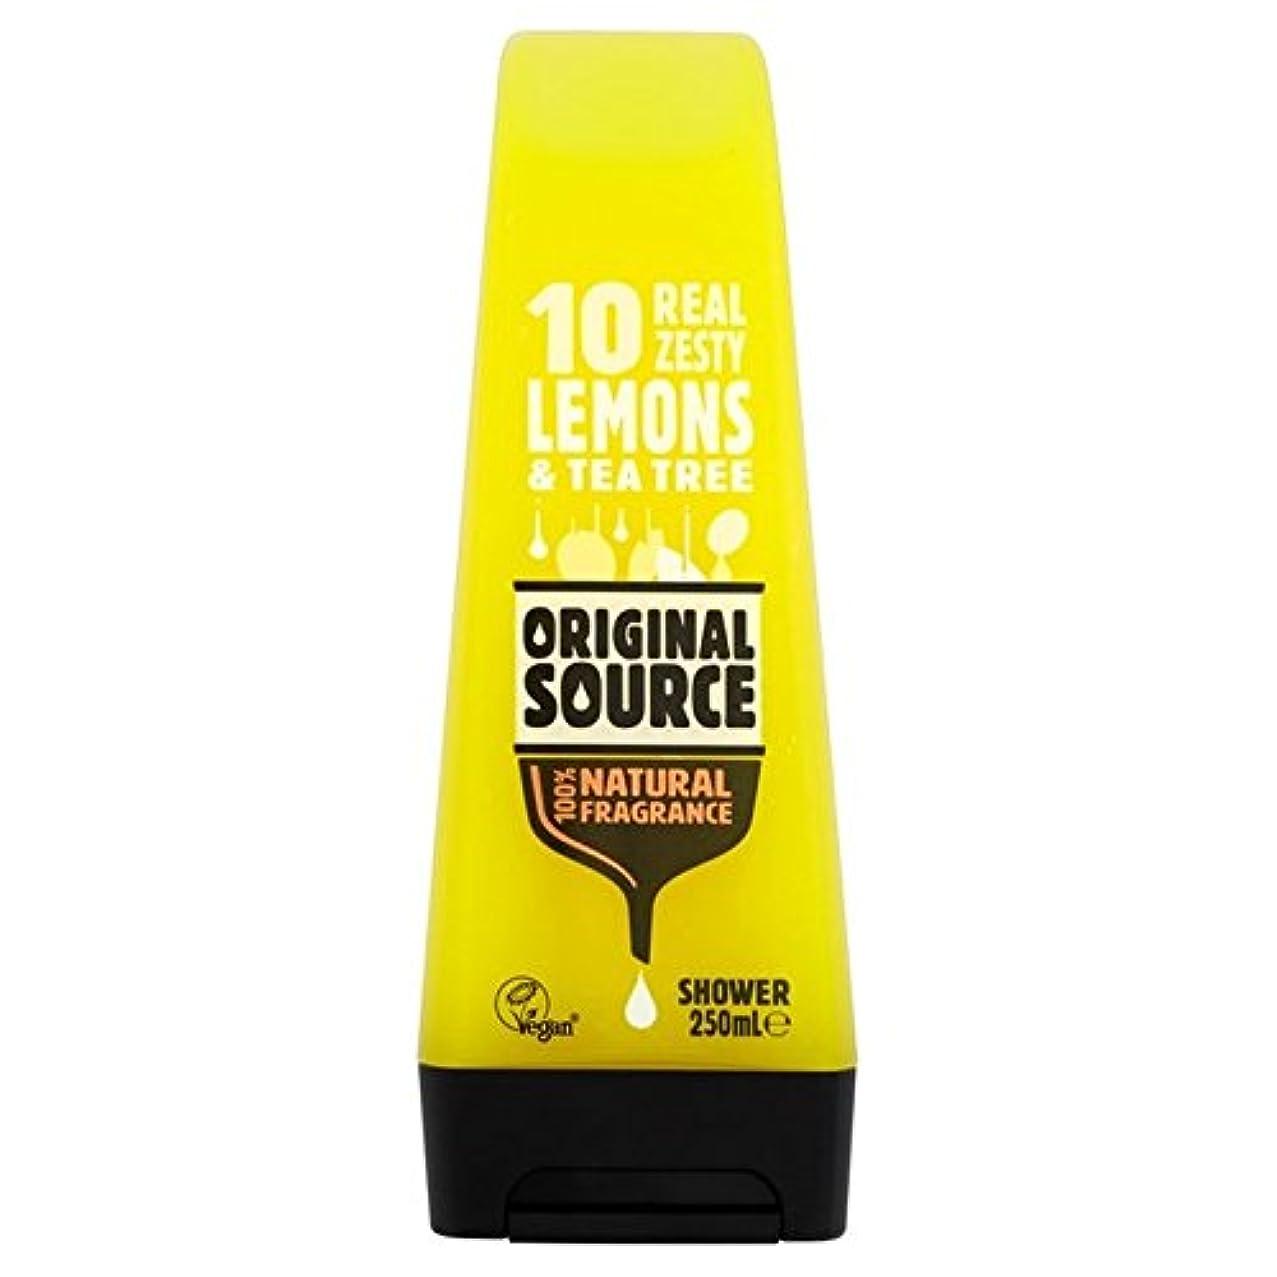 フィヨルド最も急勾配の元のソースのレモンシャワージェル250ミリリットル x4 - Original Source Lemon Shower Gel 250ml (Pack of 4) [並行輸入品]